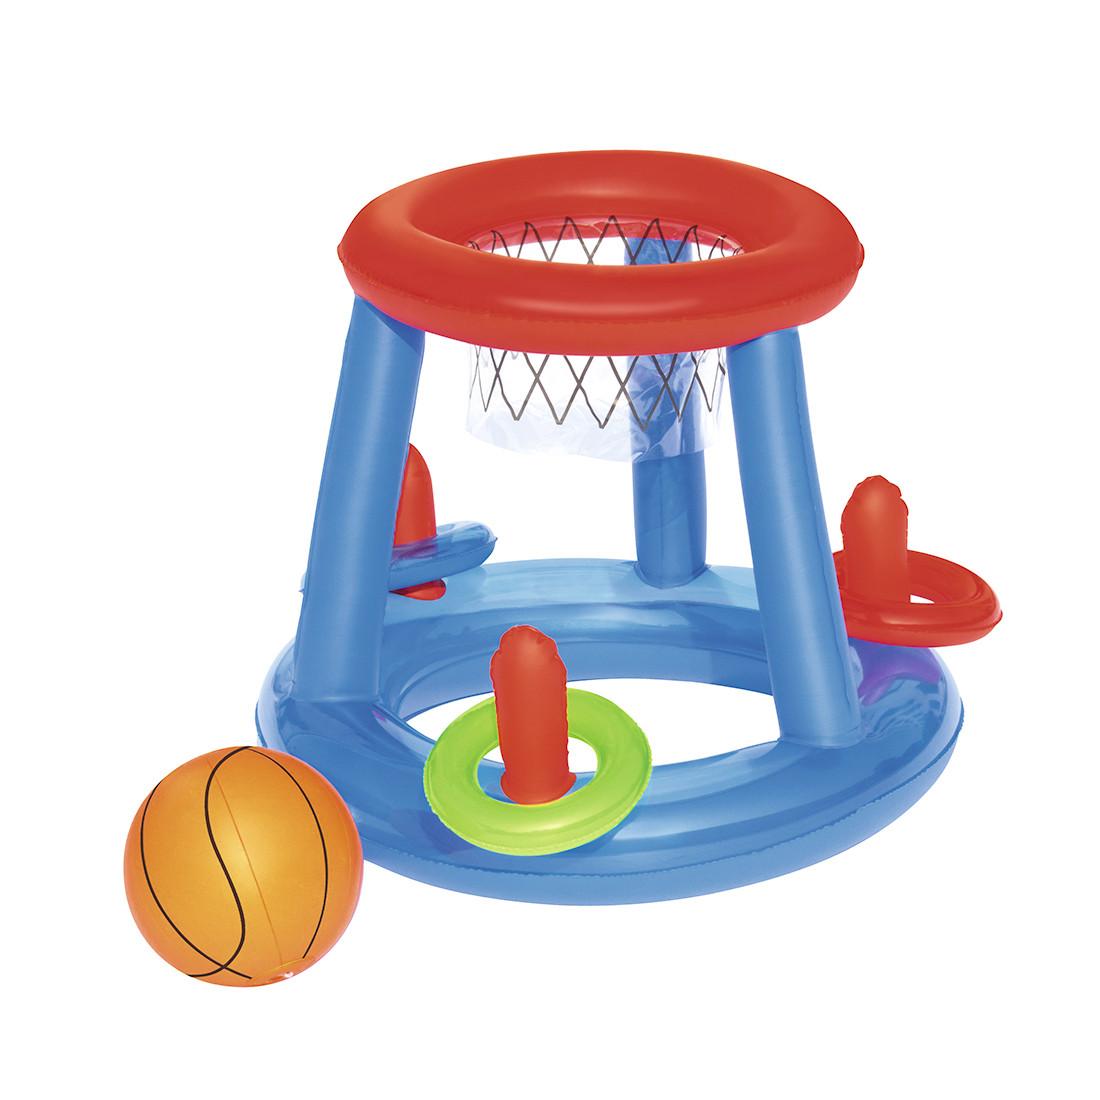 Надувная баскетбольная корзина Pool Play 61 см, BESTWAY, 52190